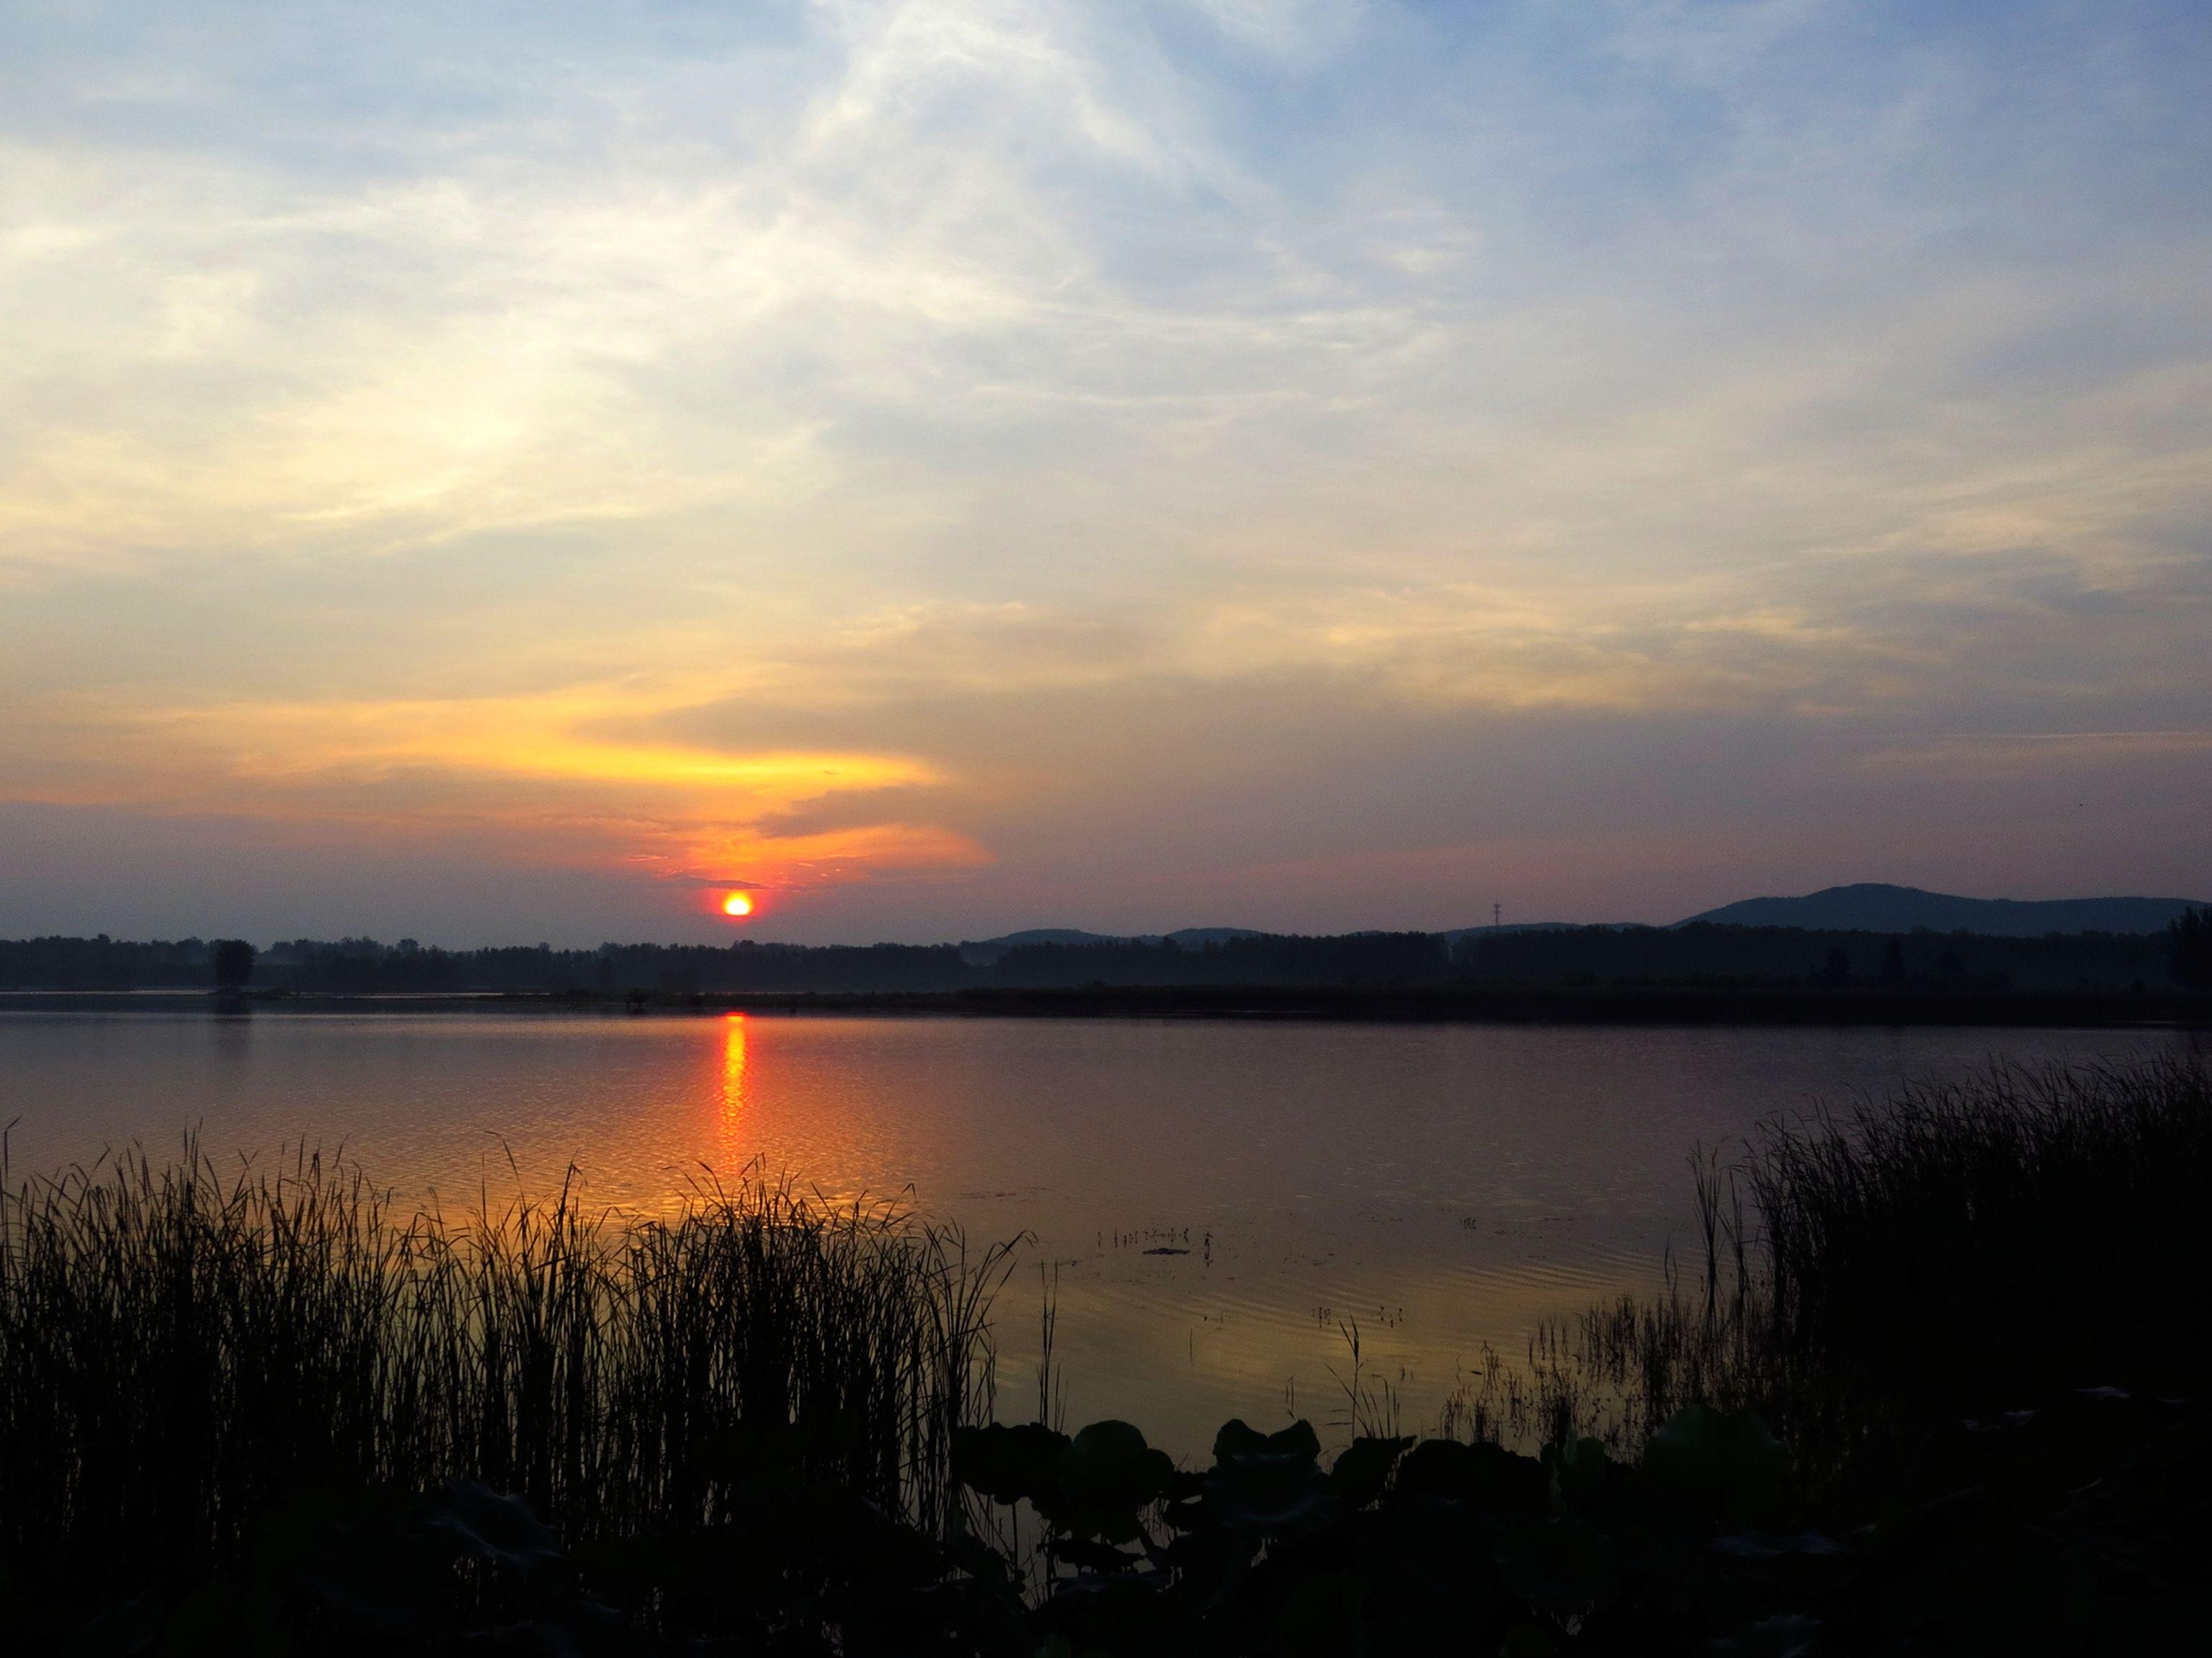 湿地日出-行摄风光-光影中国网-36.01ny.cn - powered